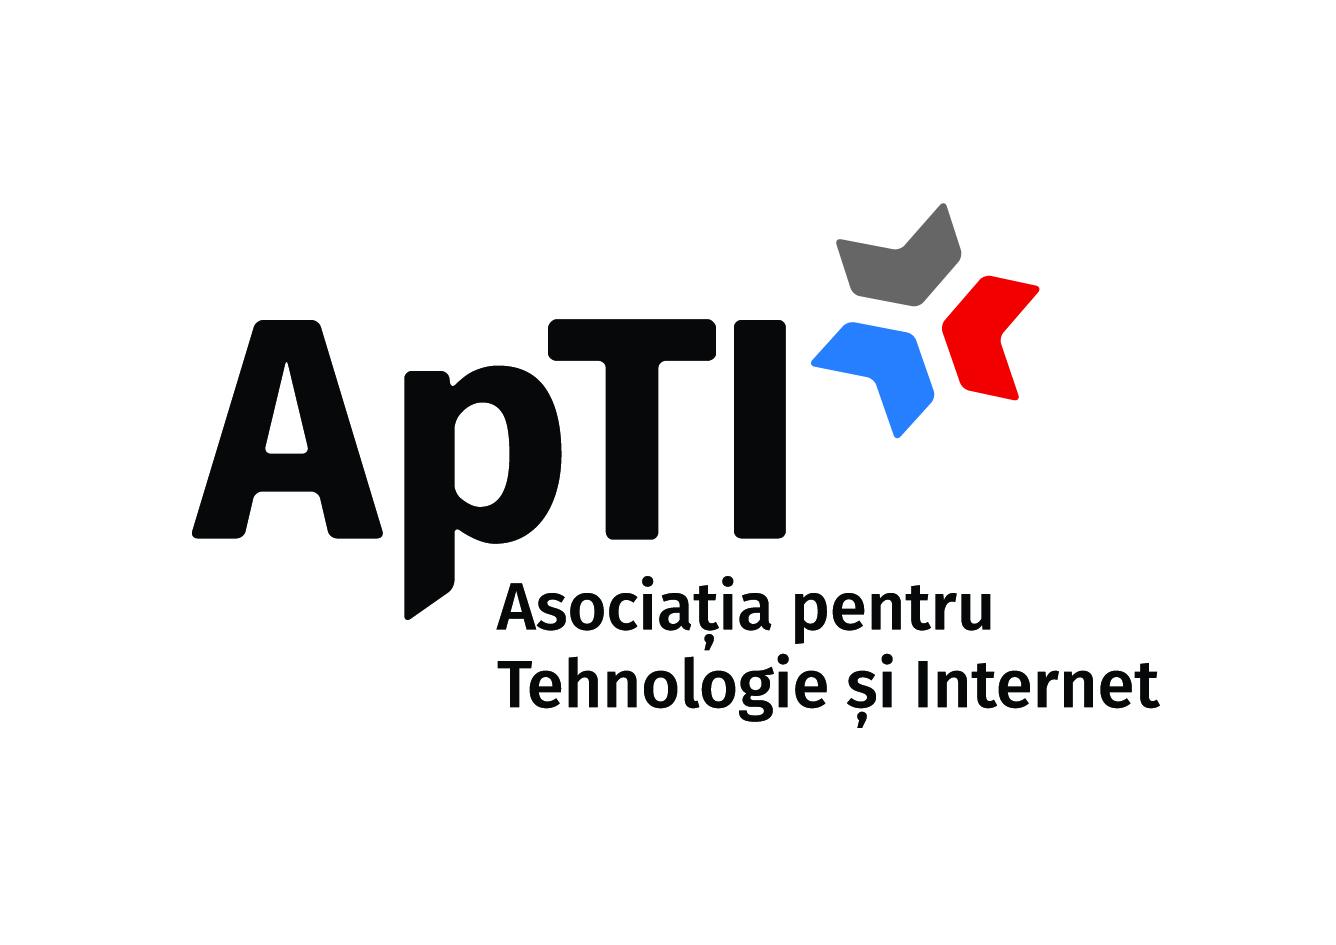 ApTI - Asociatia pentru Tehnologie si Internet logo